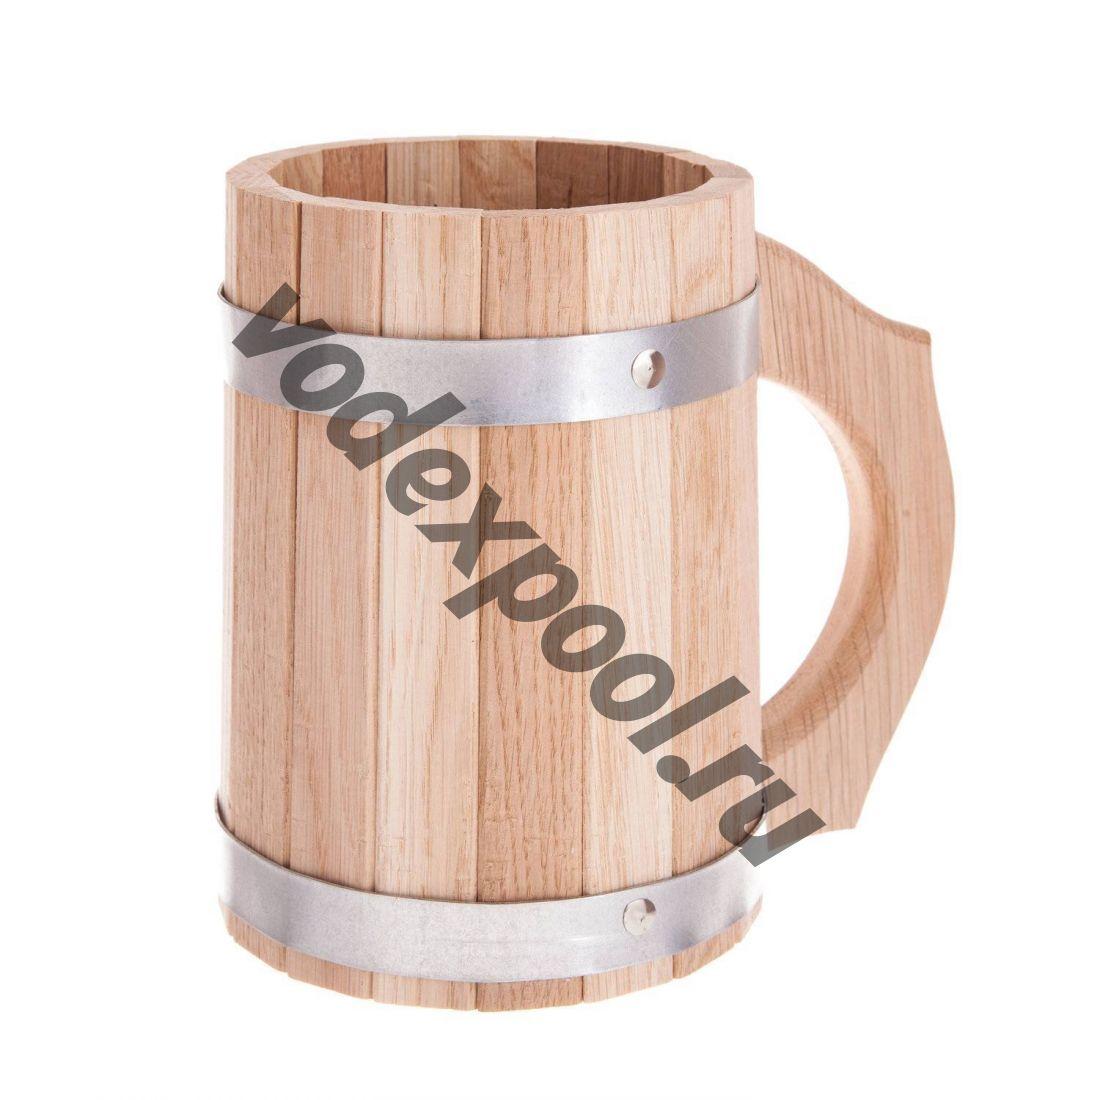 Кружка деревянная Осина 1 л